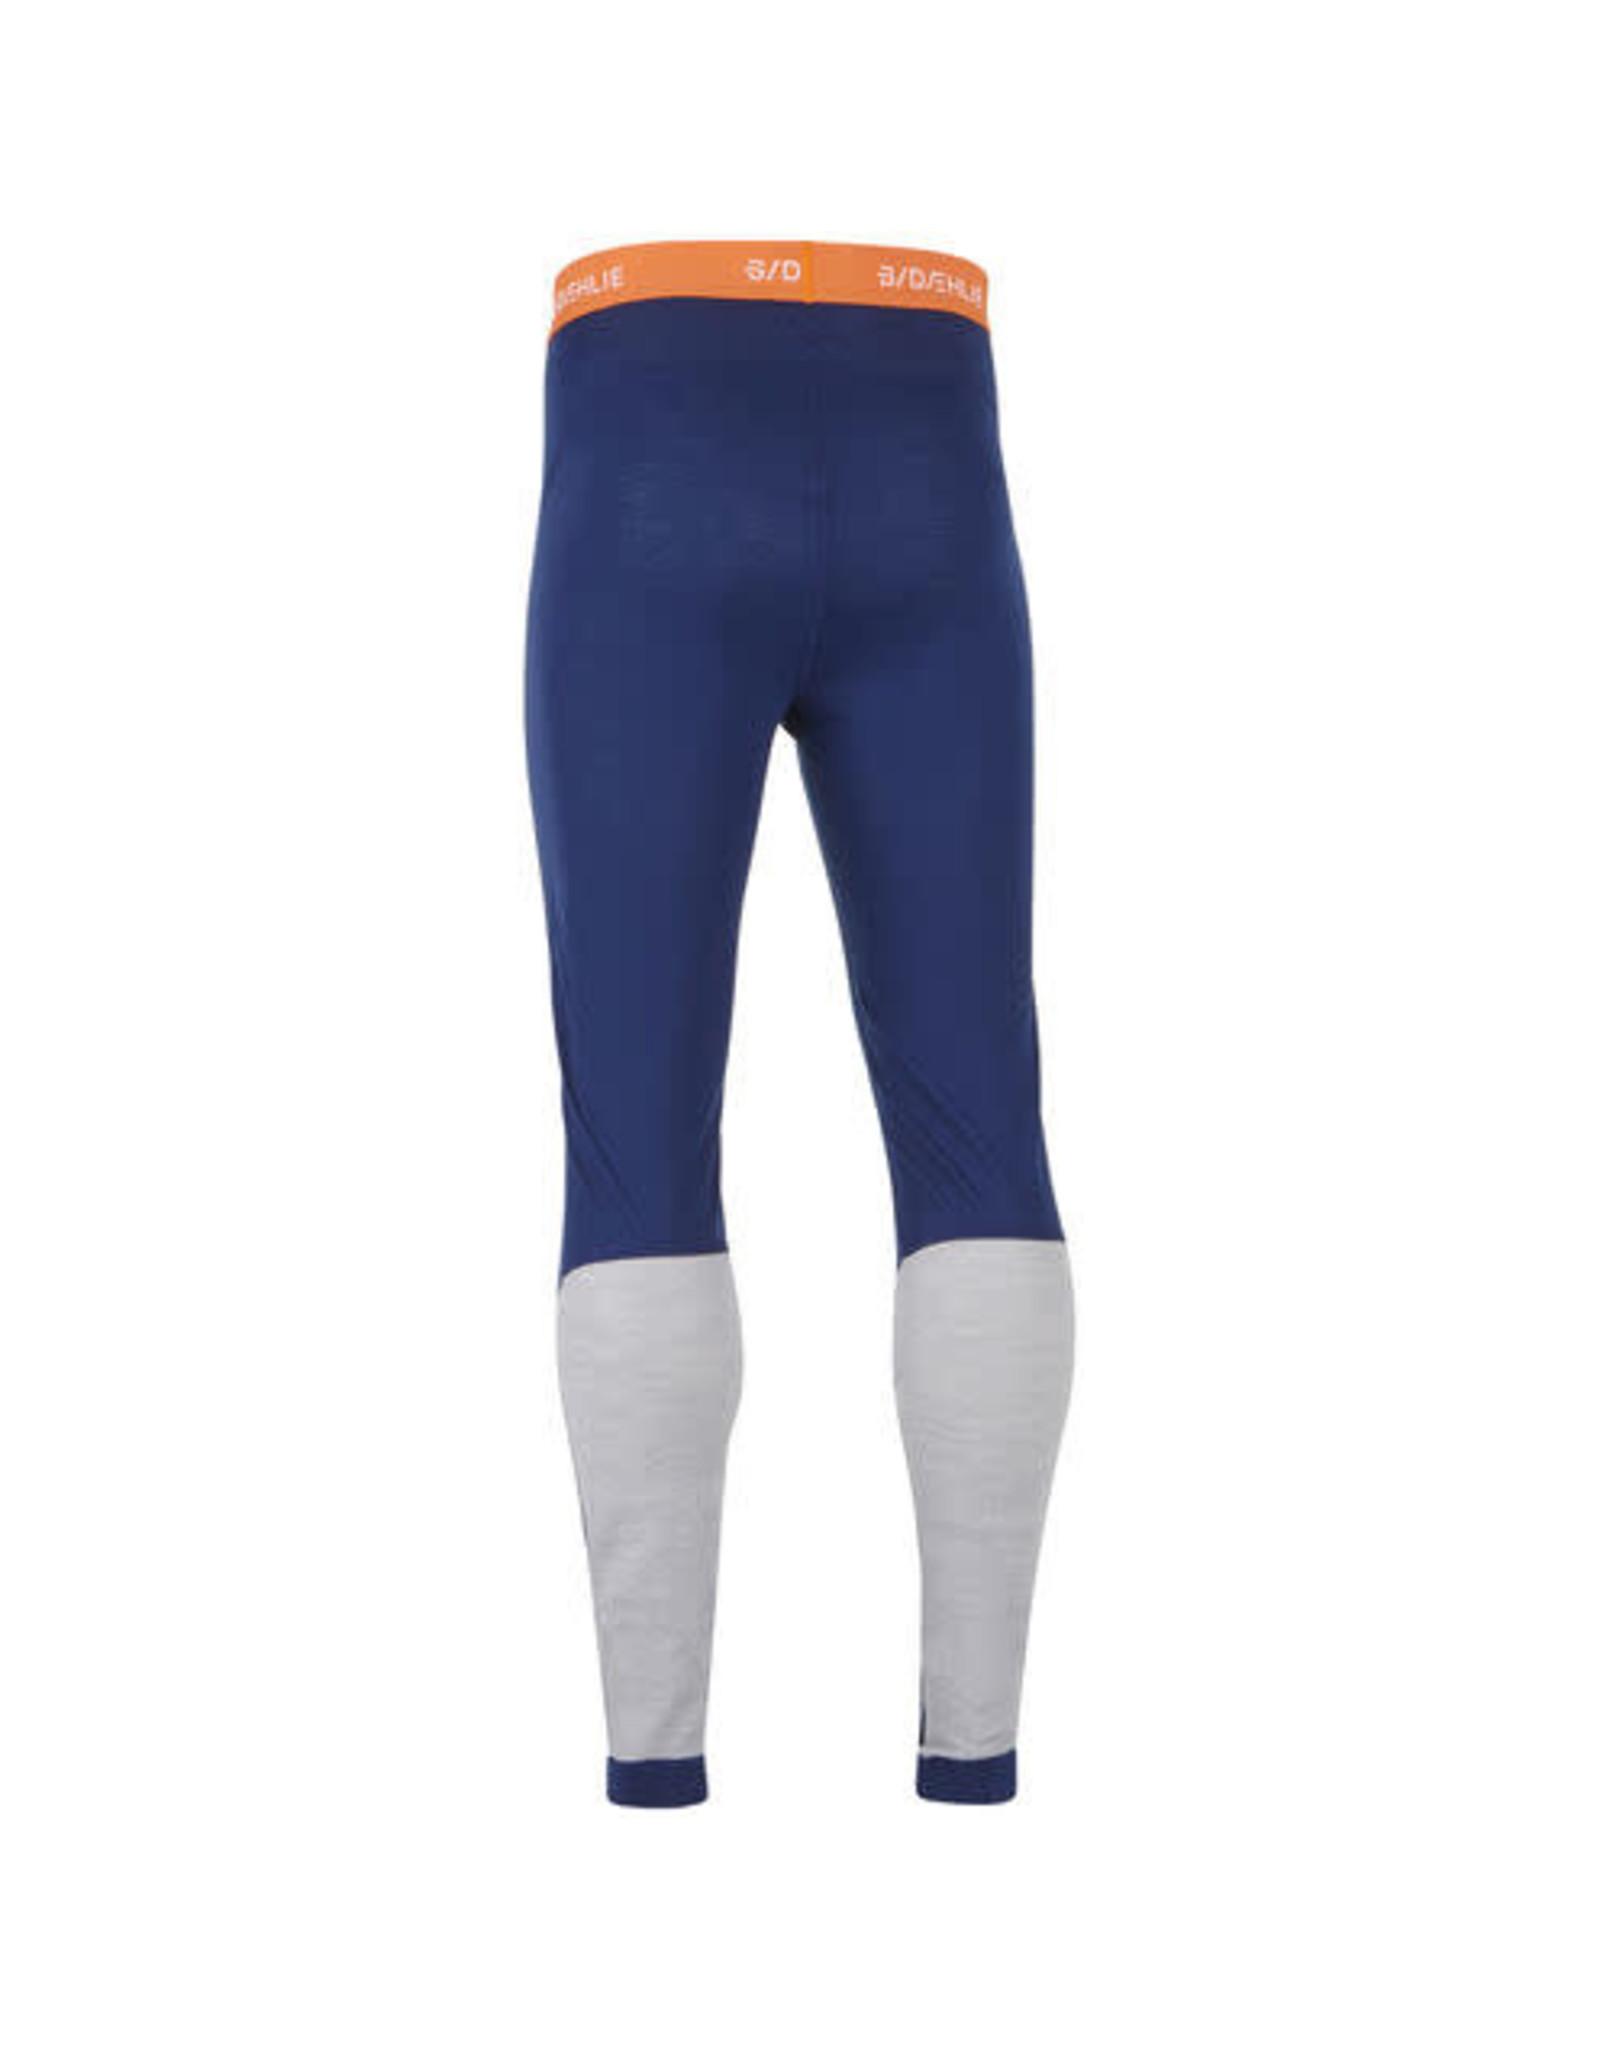 Bjorn Daehlie Bjorn Daehlie Training Wool Pants Men's